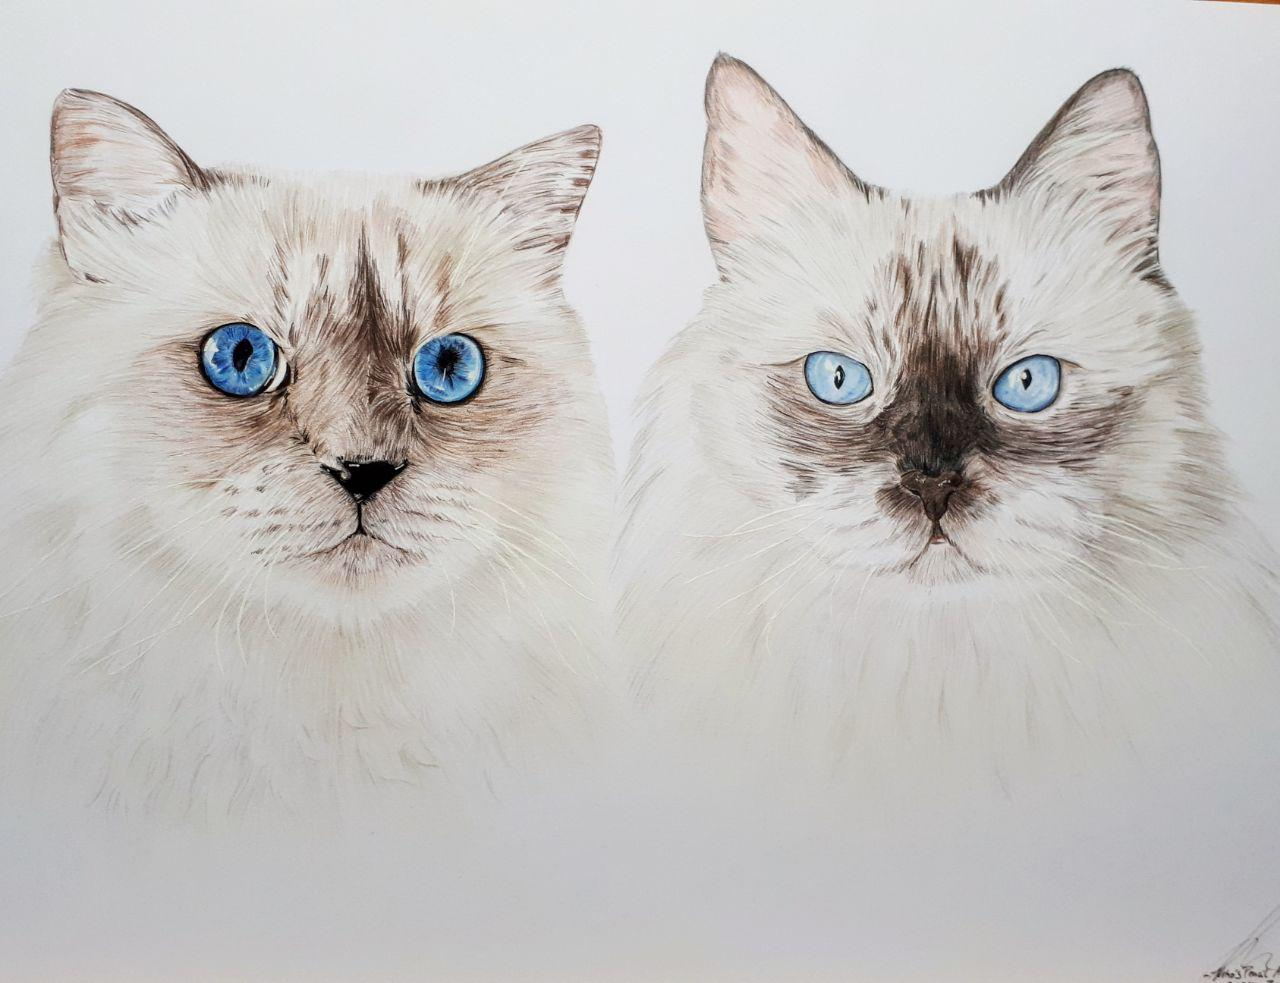 Summer (L) und Finch (R) - A3 Doppelportrait- Dezember 2018